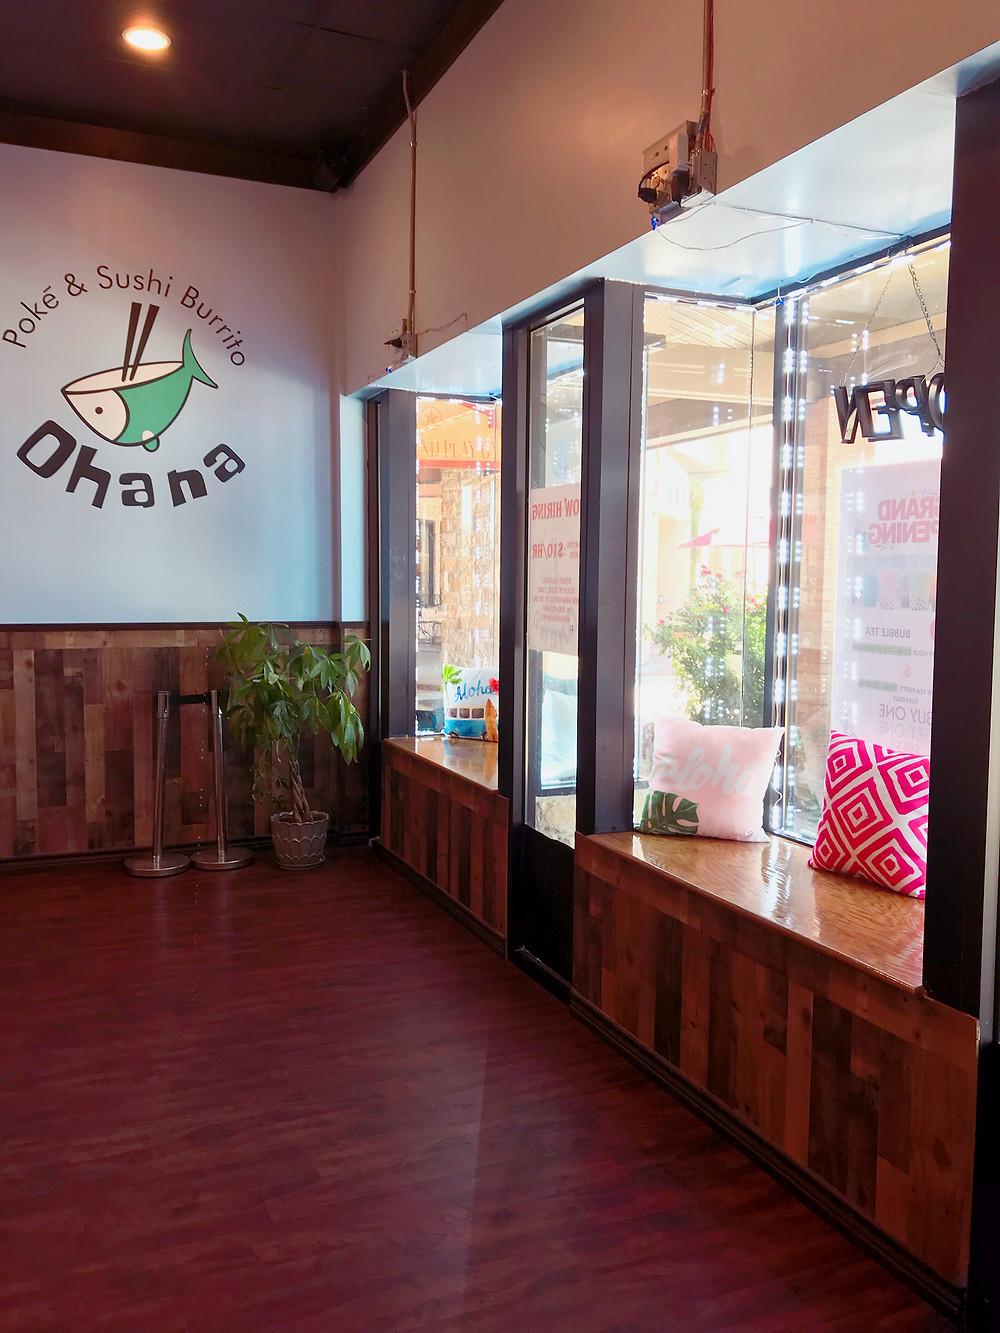 Ohana sushi & burrito entrance, sushi restaurant in New Braunfels, New Braunfels foodie, New Braunfels top ten restaurants, New Braunfels Yelp